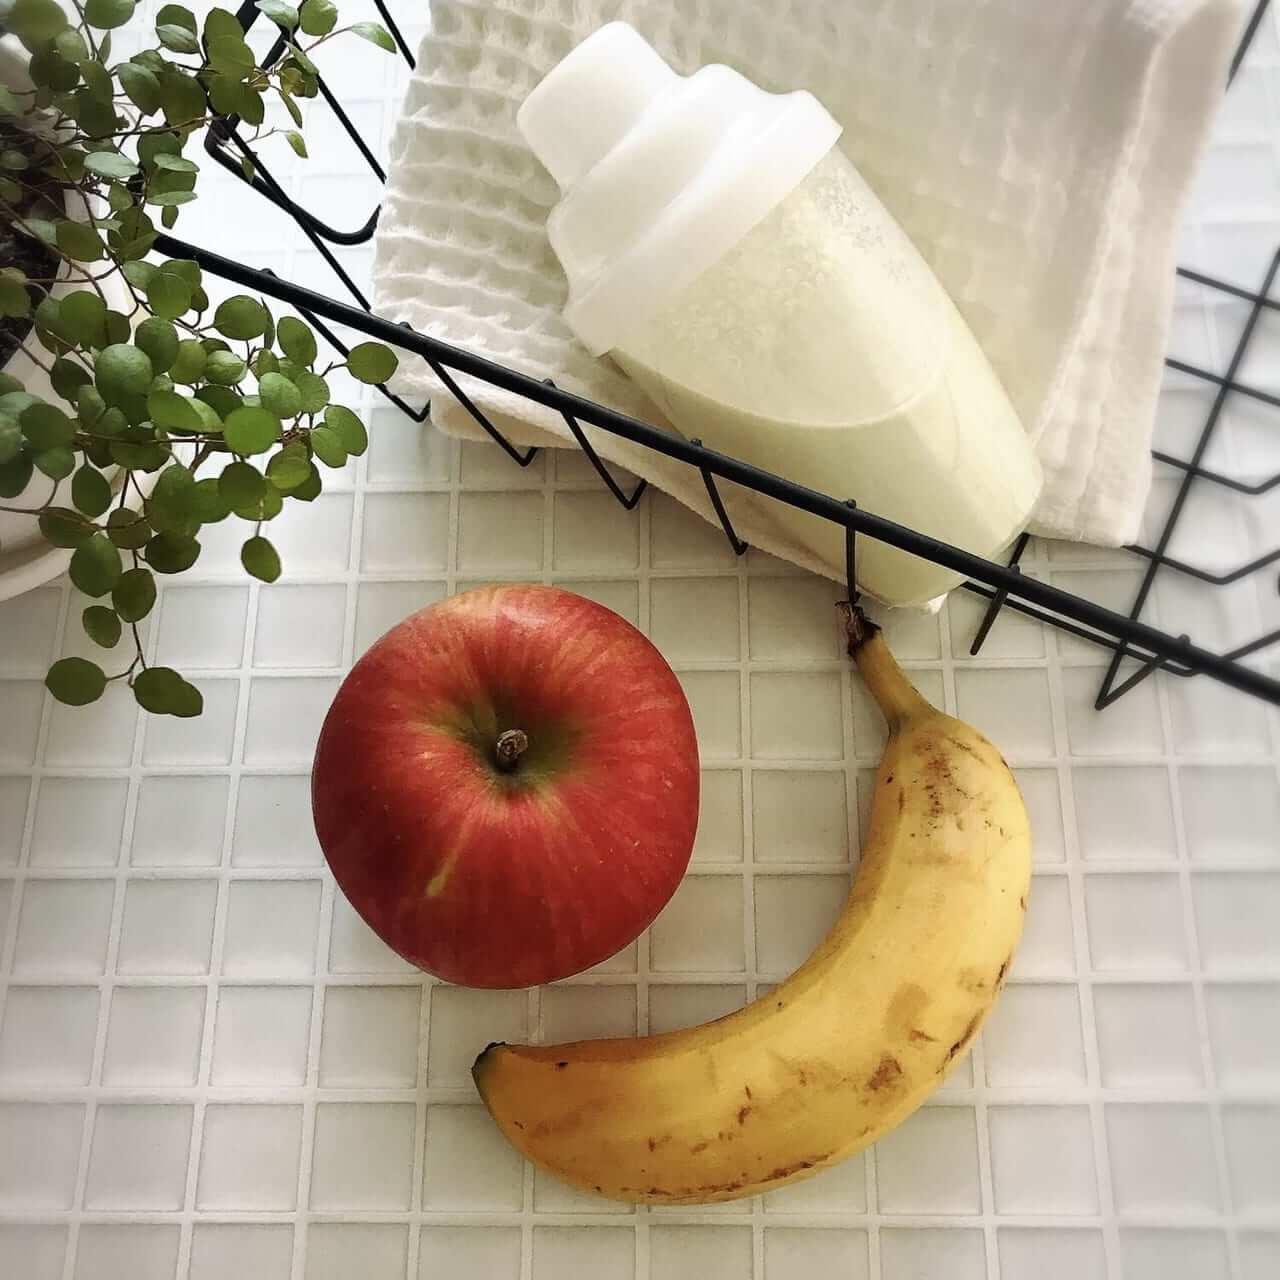 育乳に効果のある食べ物やマッサージなども組み合わせる